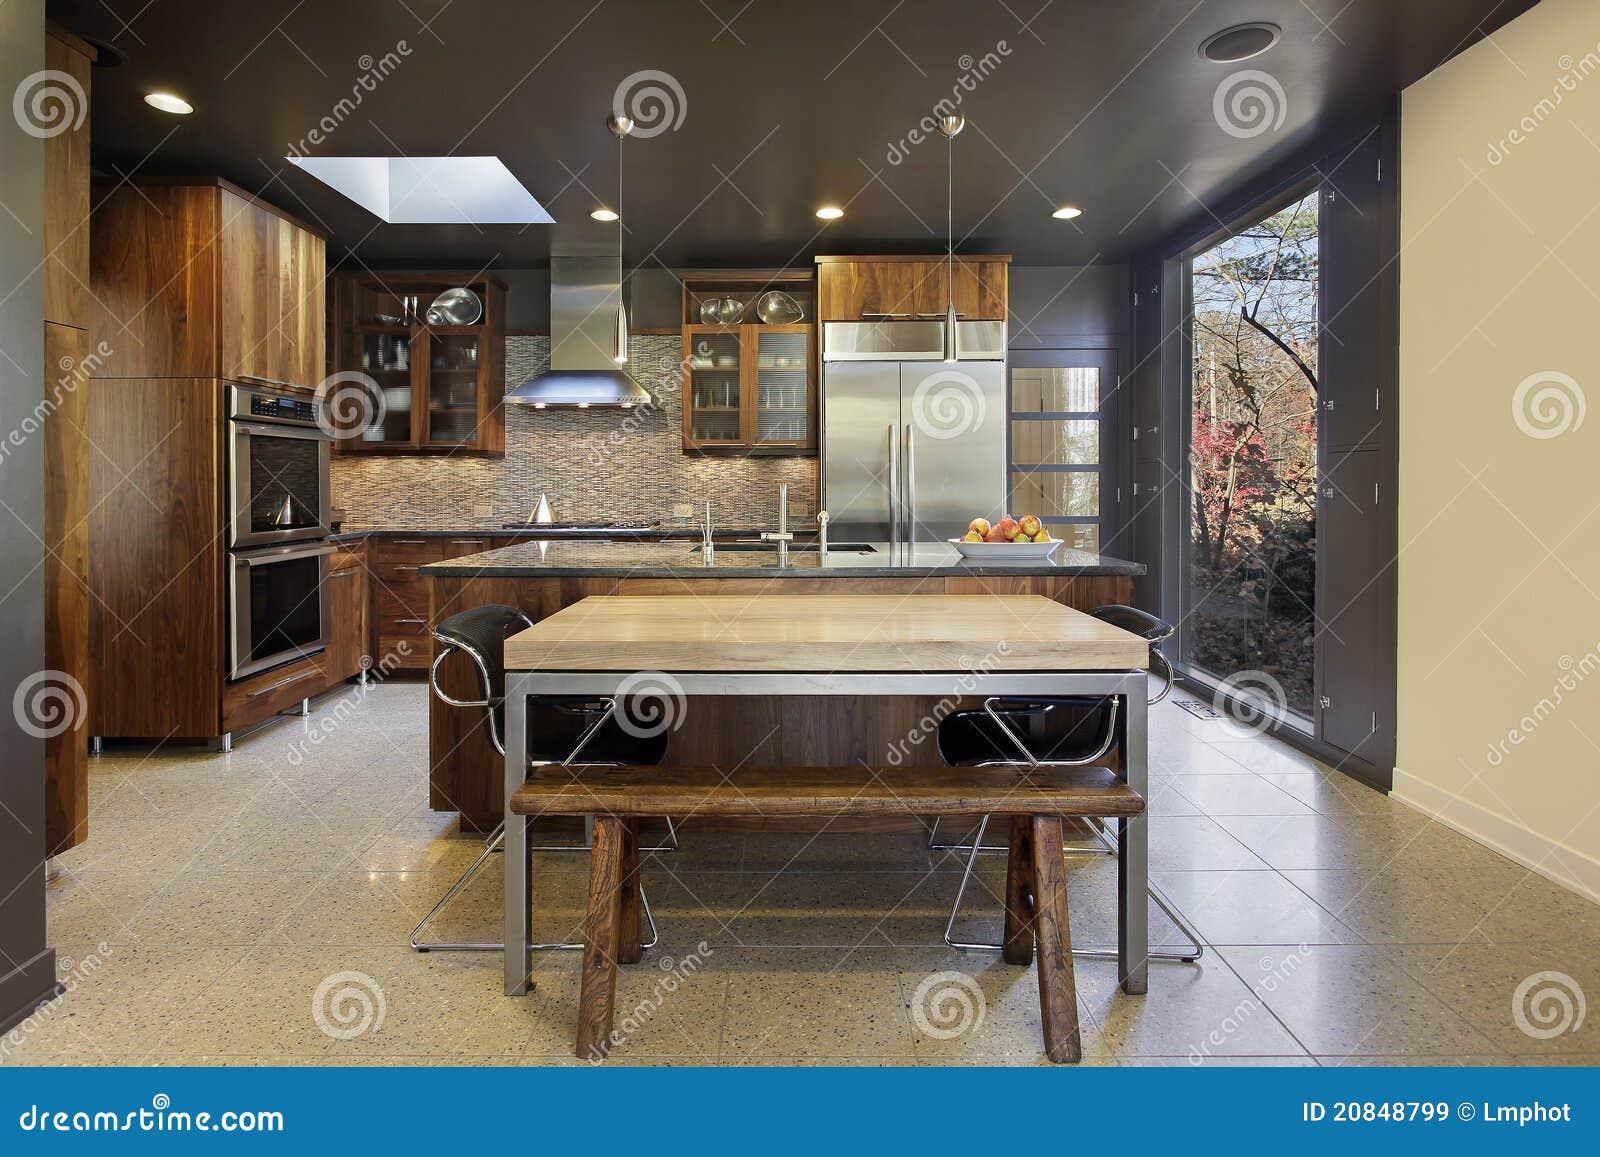 Lambris Salle De Bain Castorama : Cuisine moderne dans la maison suburbaine avec la grande fenêtre